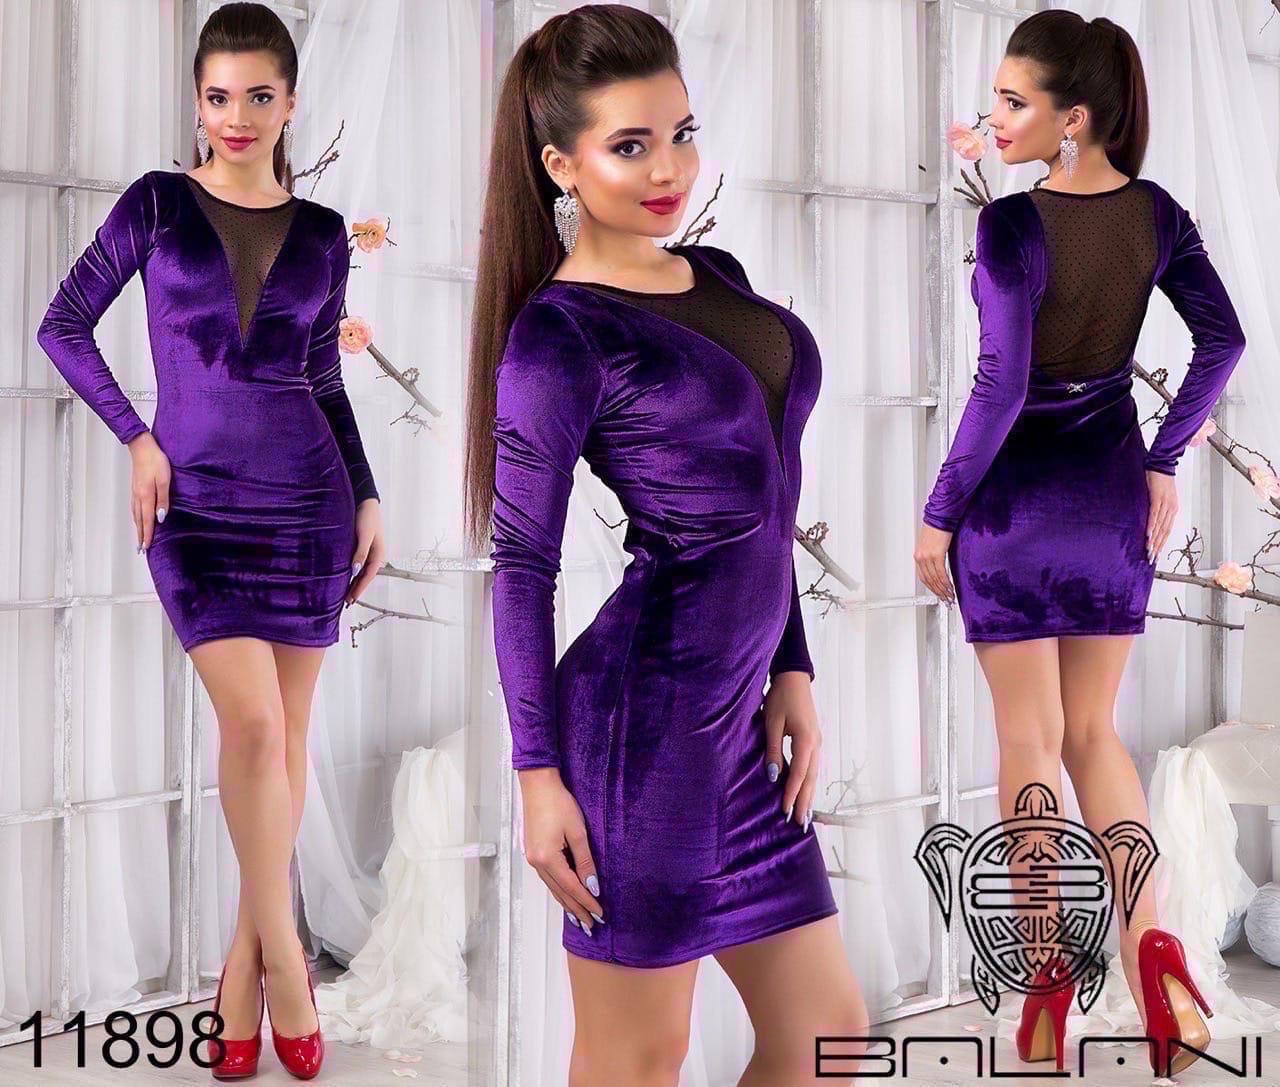 Платье женское короткое приталенное велюровое, разных цветов, р.S, L, Код 2050Д